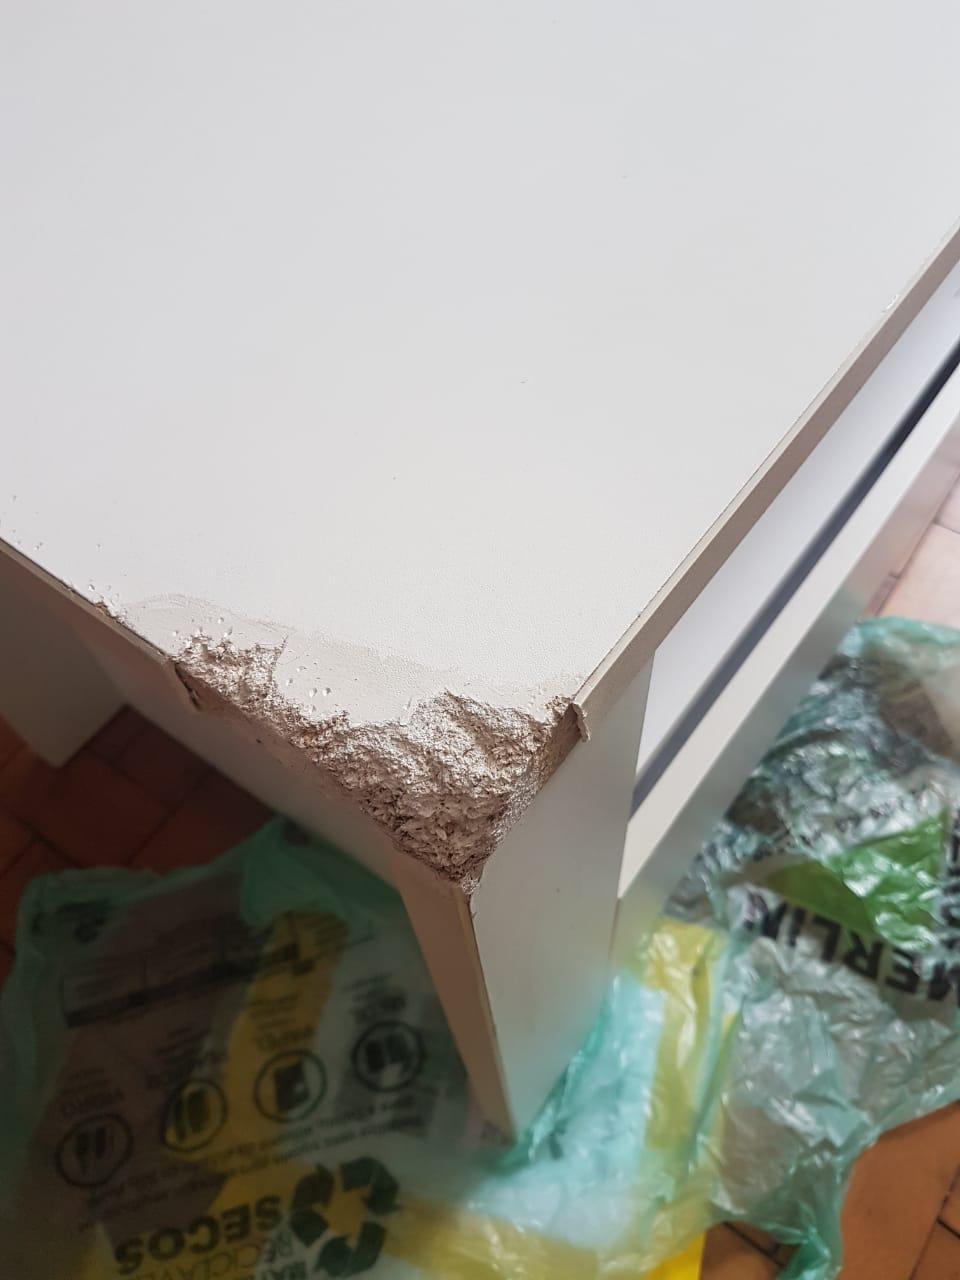 raque-personalizar-reparo-tinta-armario-madeira-renovar-estrago-disfarcar